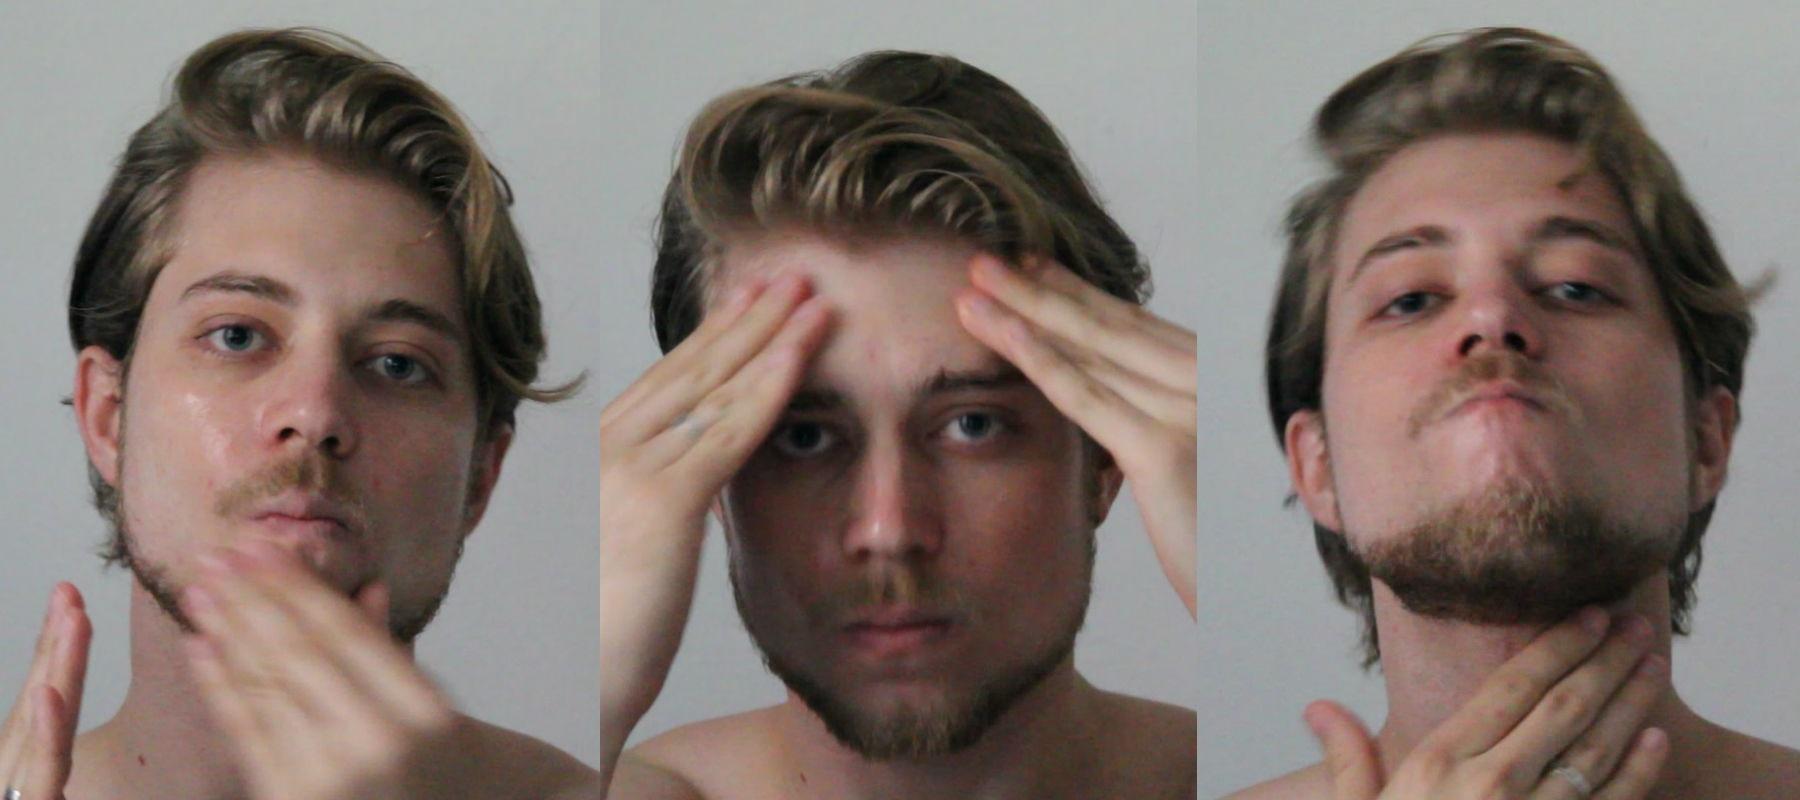 Homem No Espelho - Cuidados masculinos com a pele do rosto-5